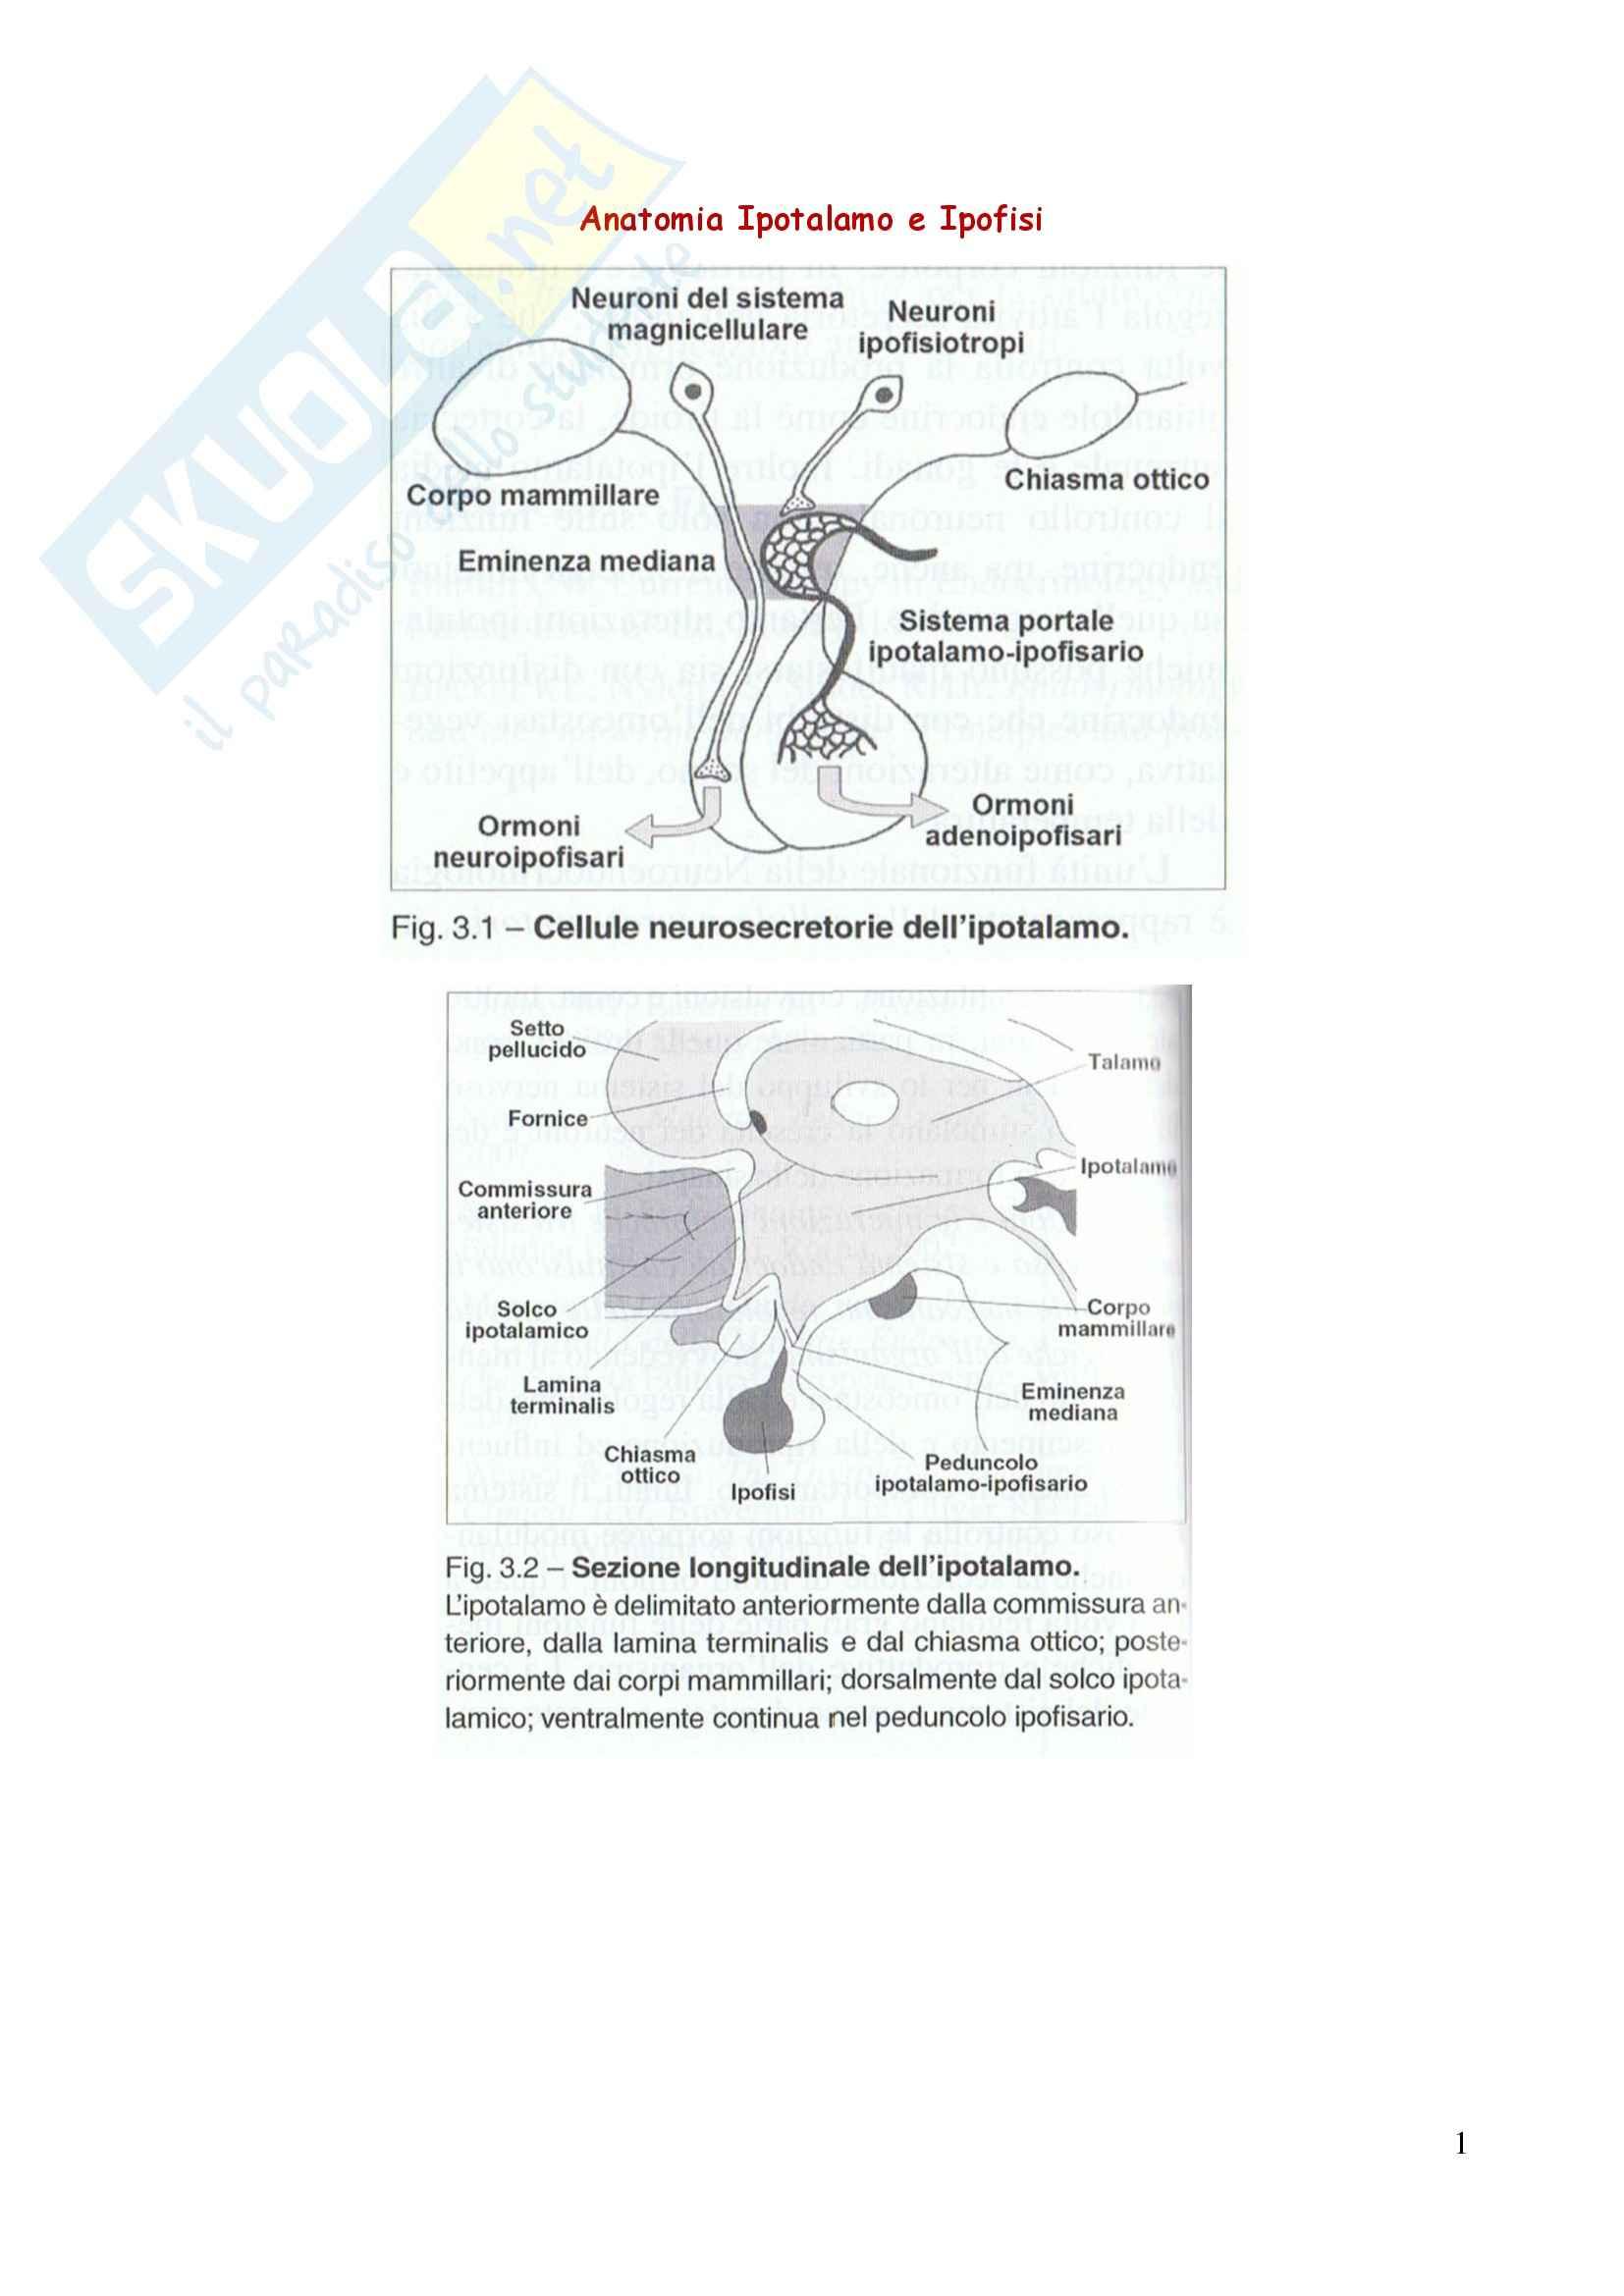 Endocrinologia - ipotalamo e ipofisi